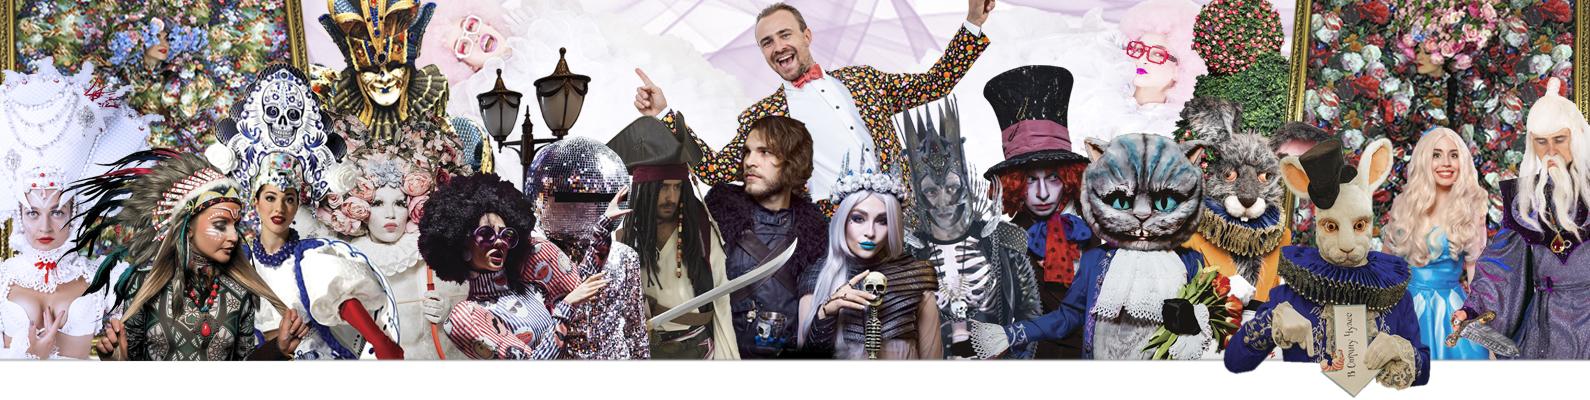 Прокат качественных карнавальных костюмов в Москве